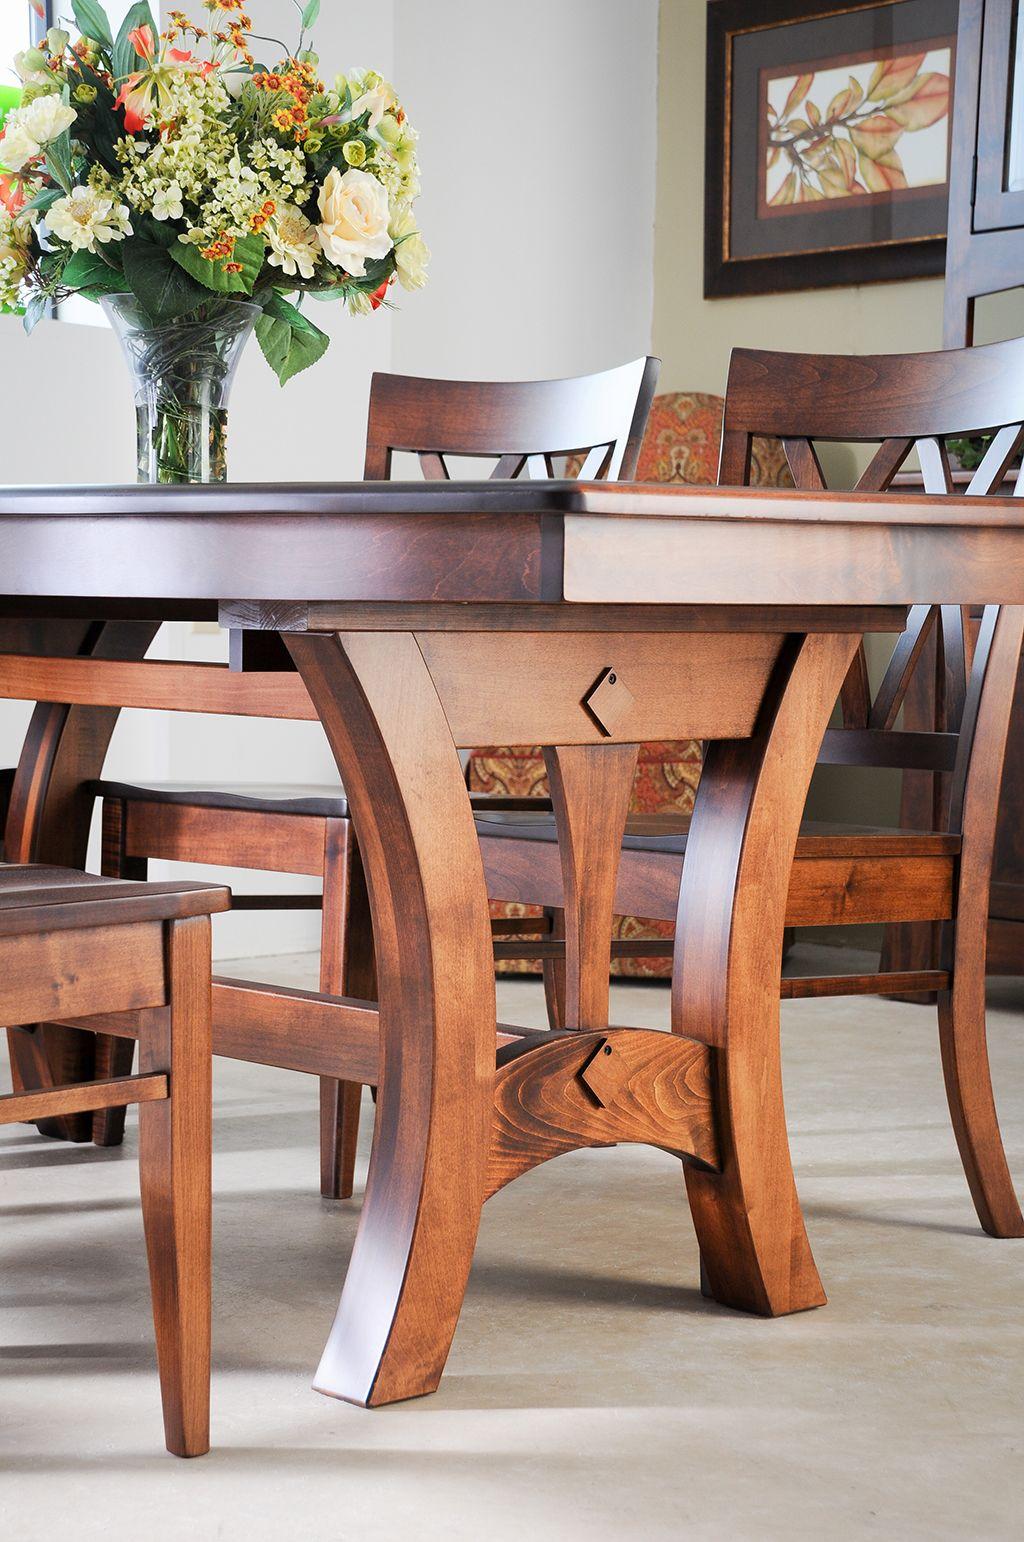 Solid Maple Dining Room Table Diningroom Hispurposeinme Com